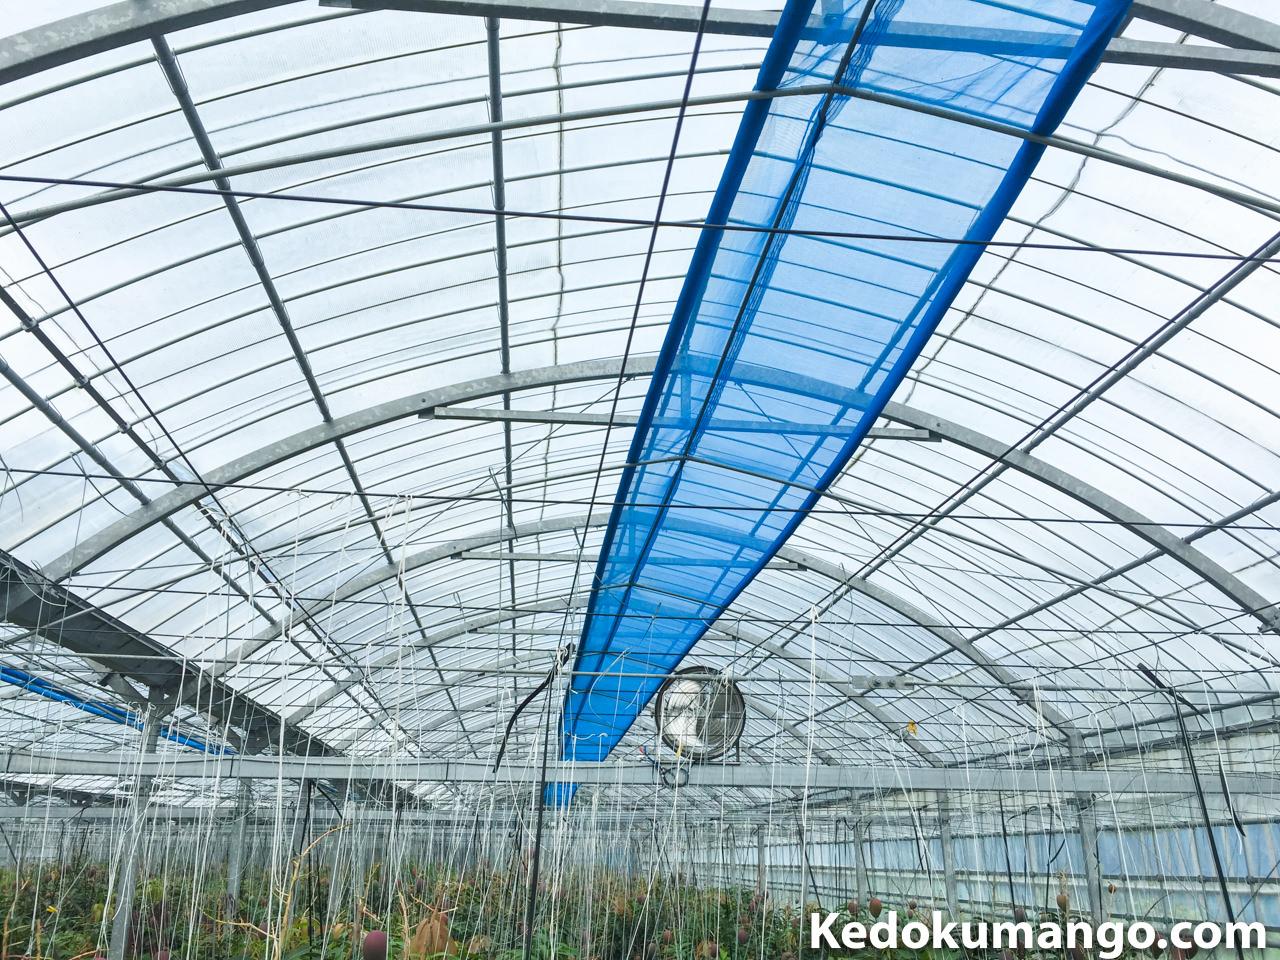 マンゴー栽培のビニールハウスで遮光ネットを巻き上げている状態